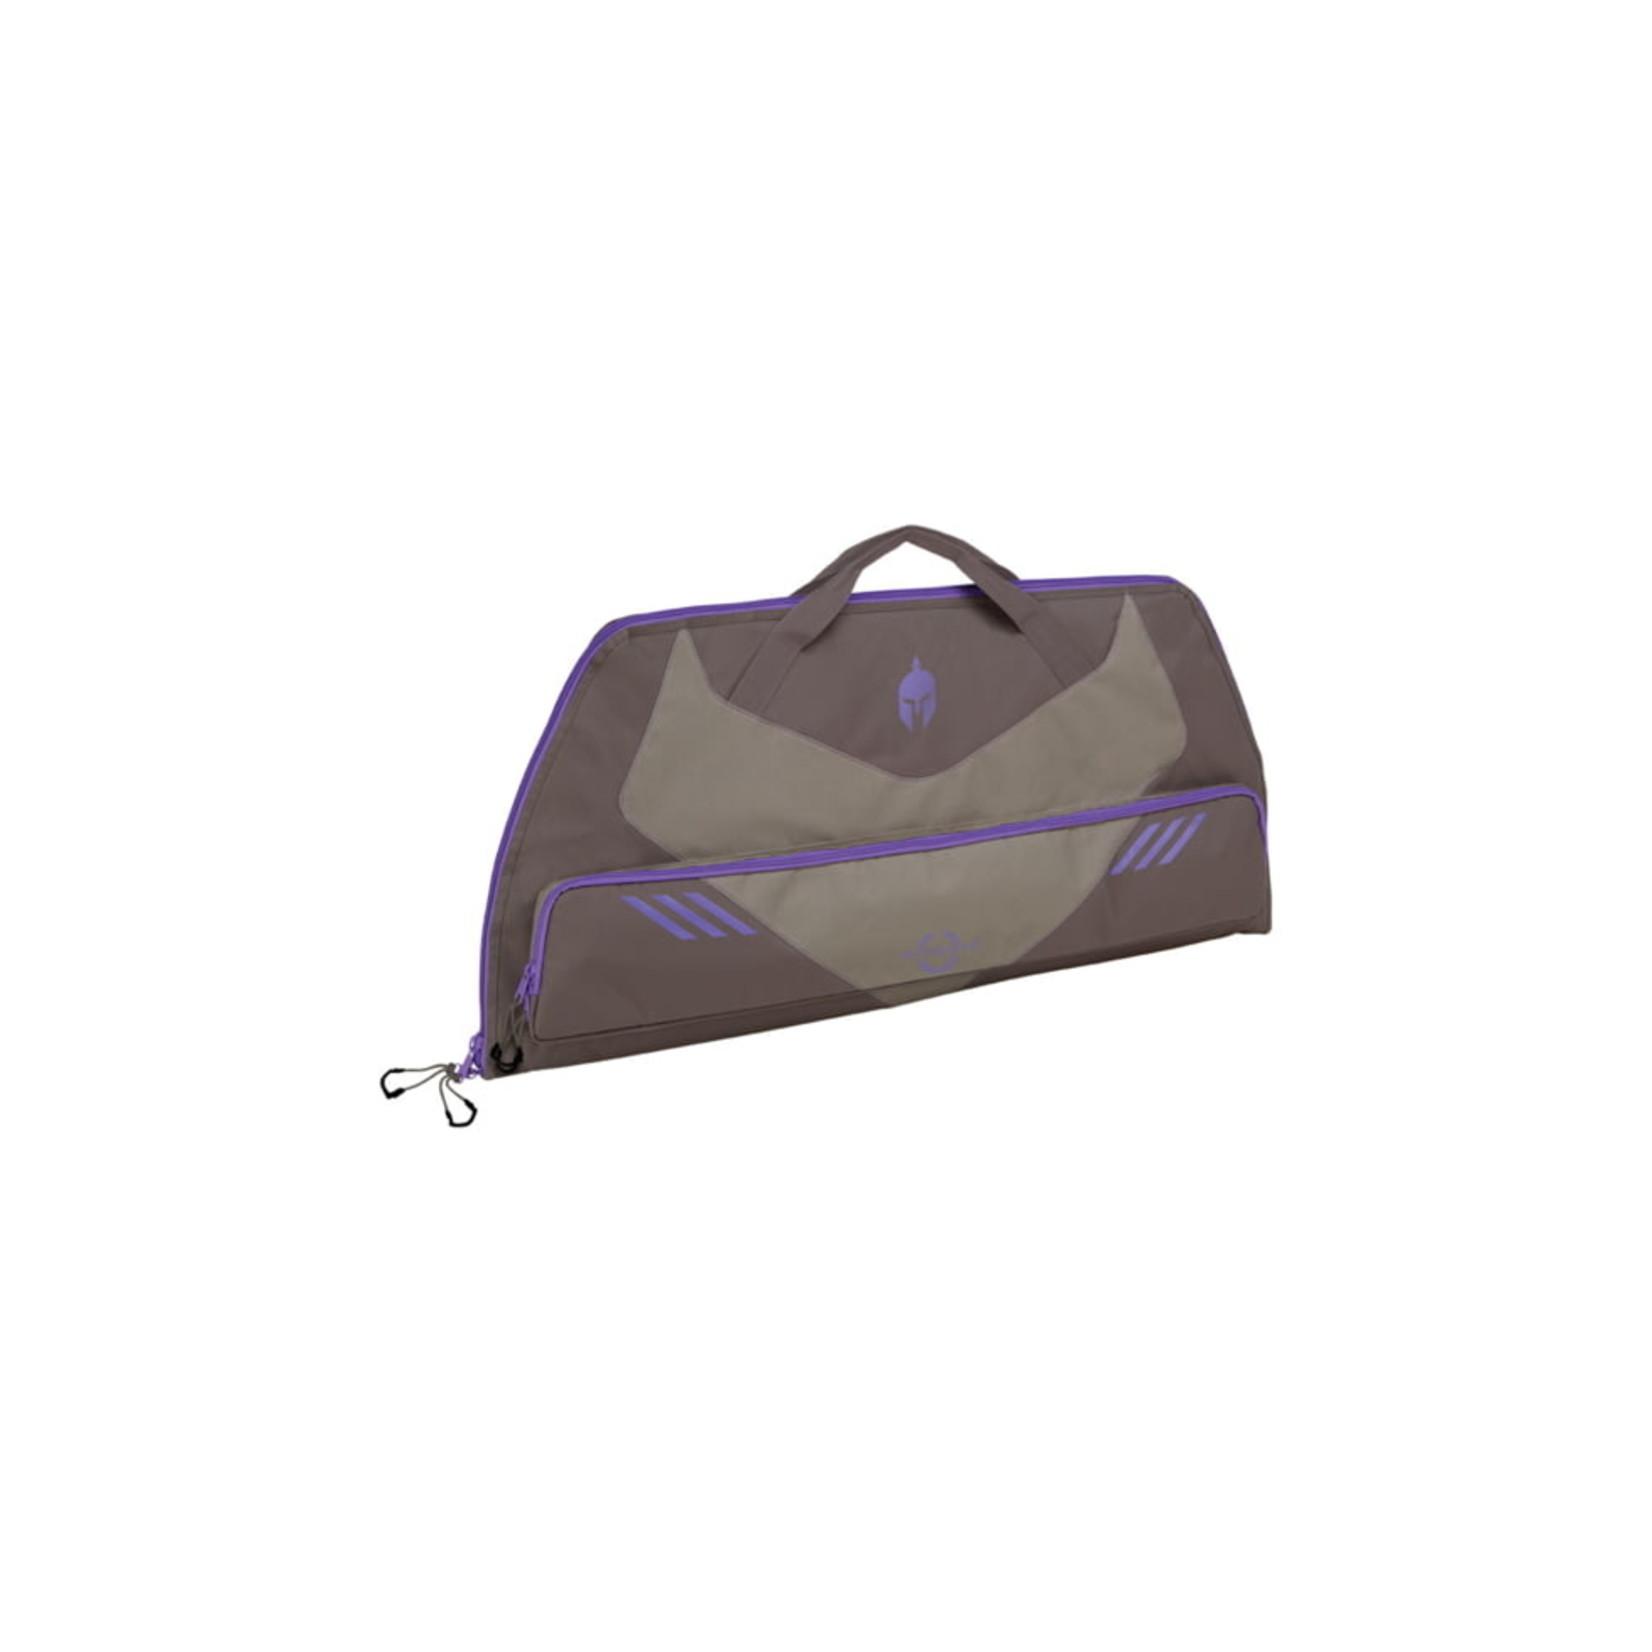 Allen Belladonna Compound Bow Case 38In Shadow/Violet